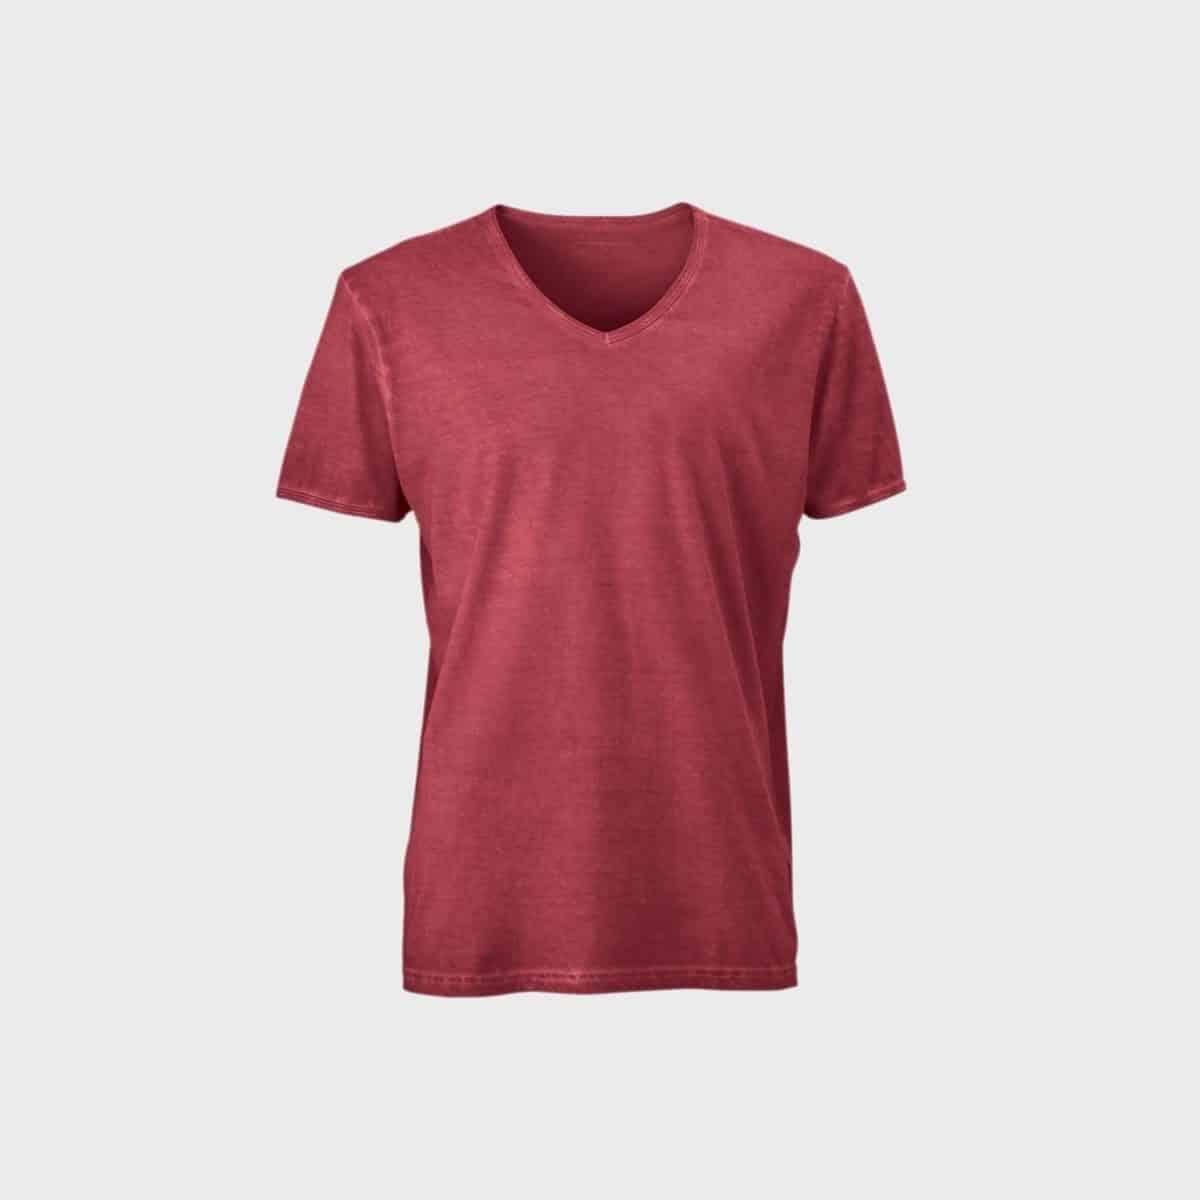 v-neck-gipsy-t-shirt-herren-red-kaufen-besticken_stickmanufaktur